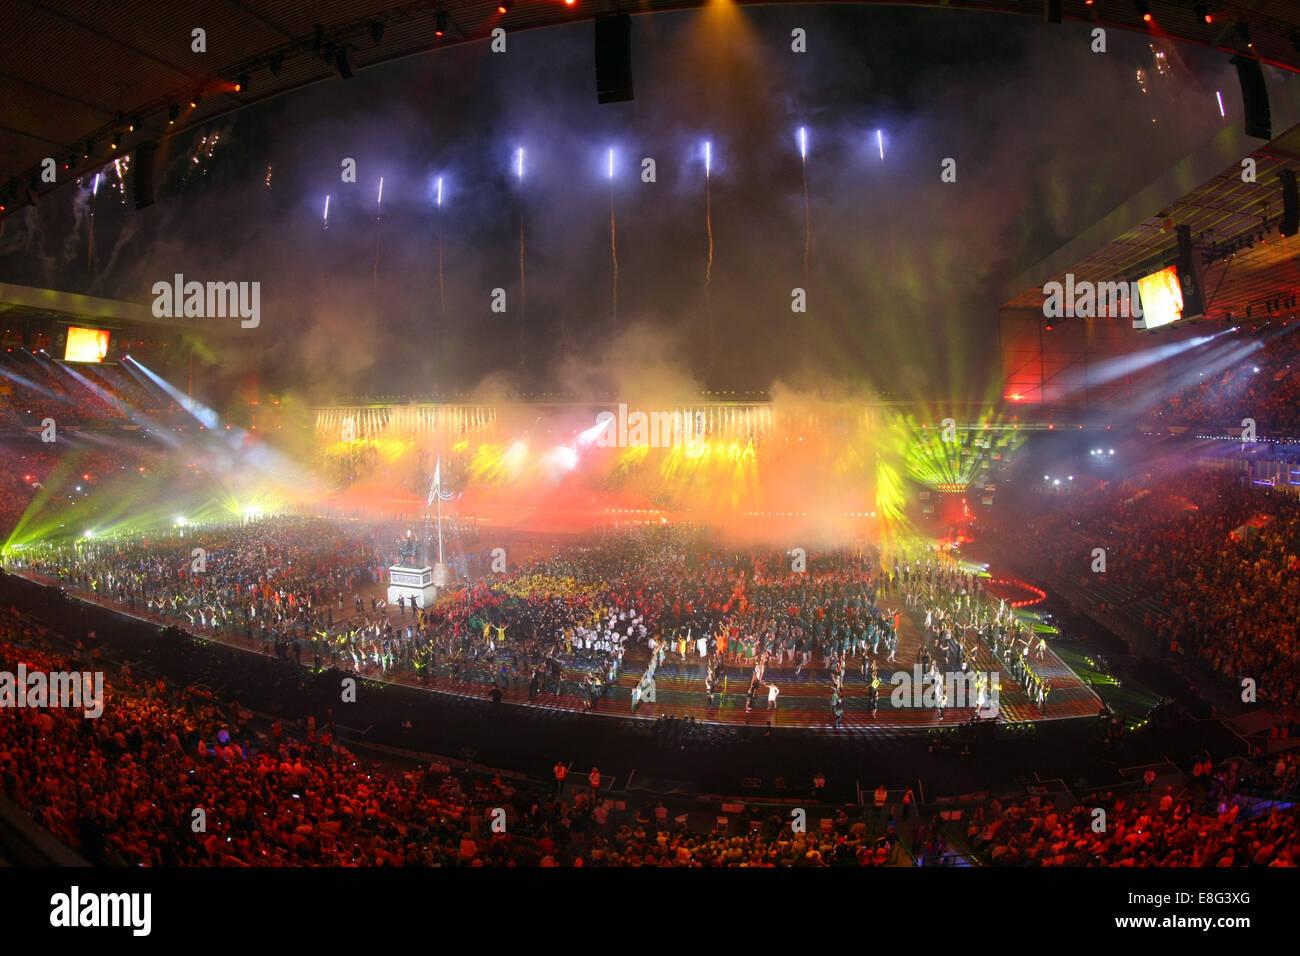 Vue générale (GV) du stade que Fireworks explosent. Cérémonie d'ouverture - Celtic Park Photo Stock